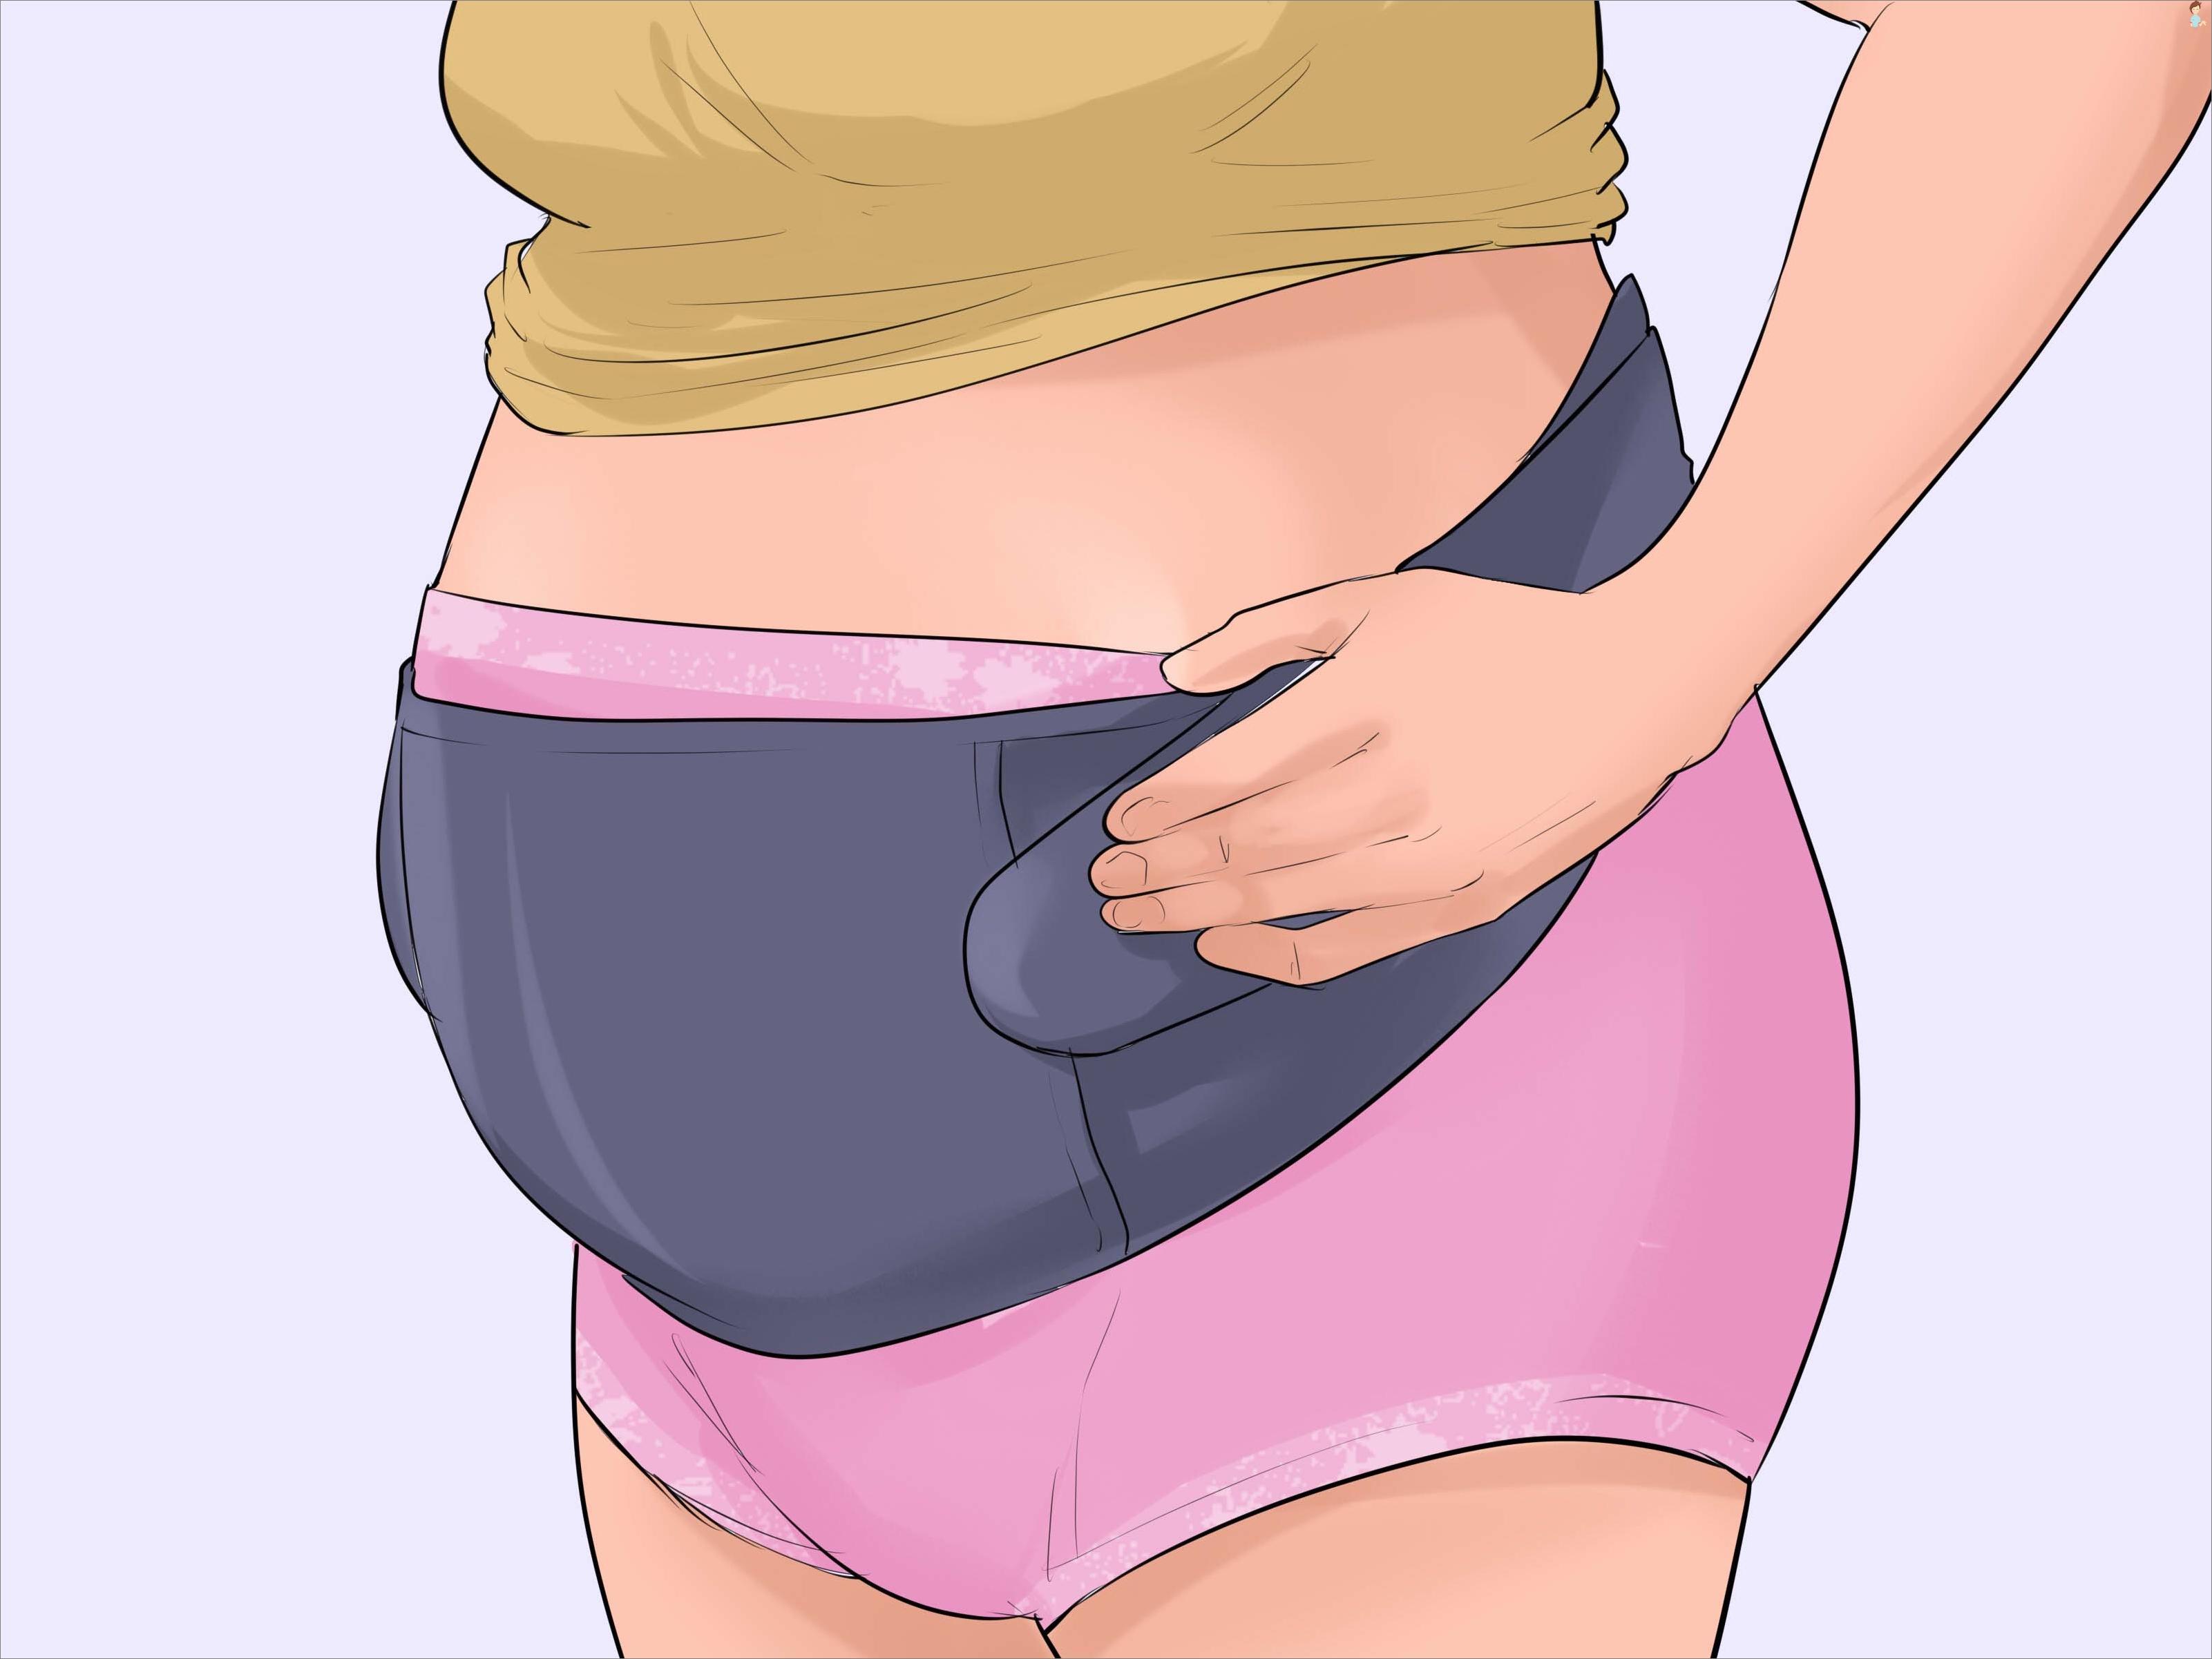 rygsmerter gravid